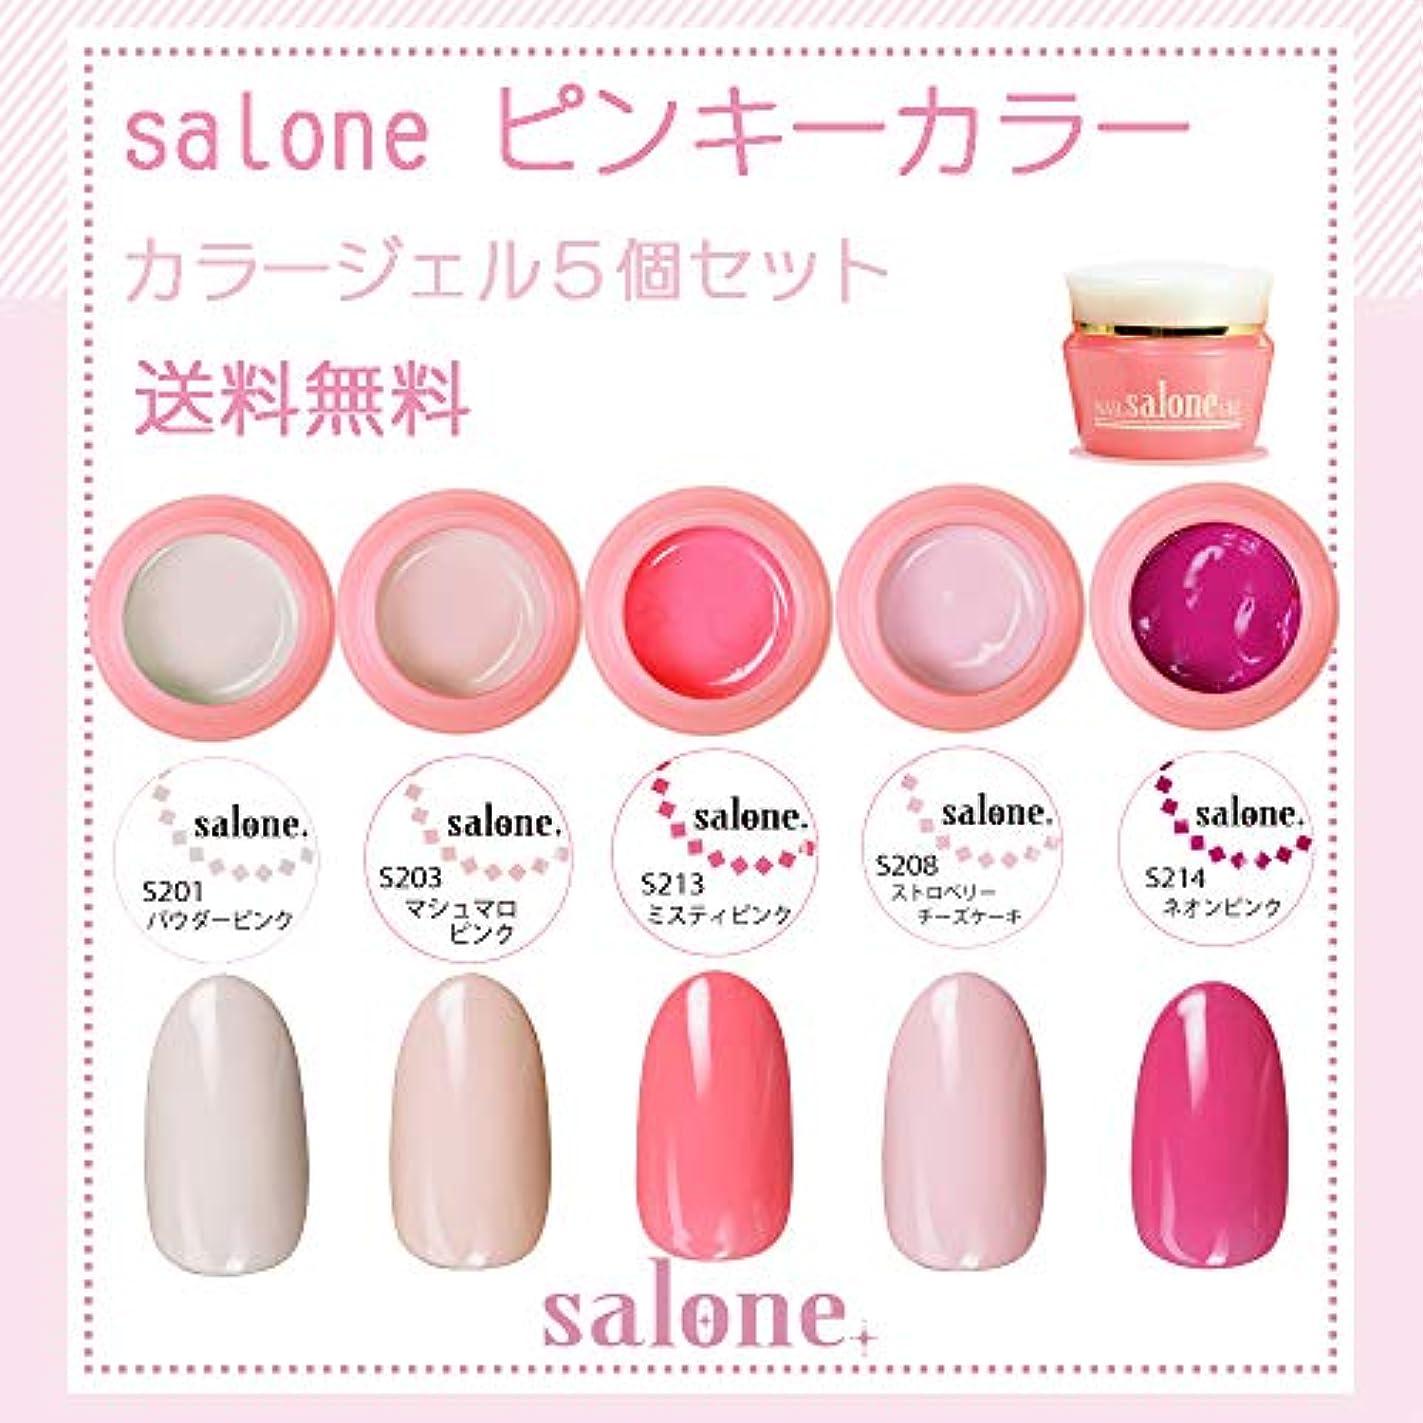 狂信者更新したがって【送料無料 日本製】Salone ピンキー カラージェル5個セット サロンで人気のネイルのマストアイテムピンキーカラー